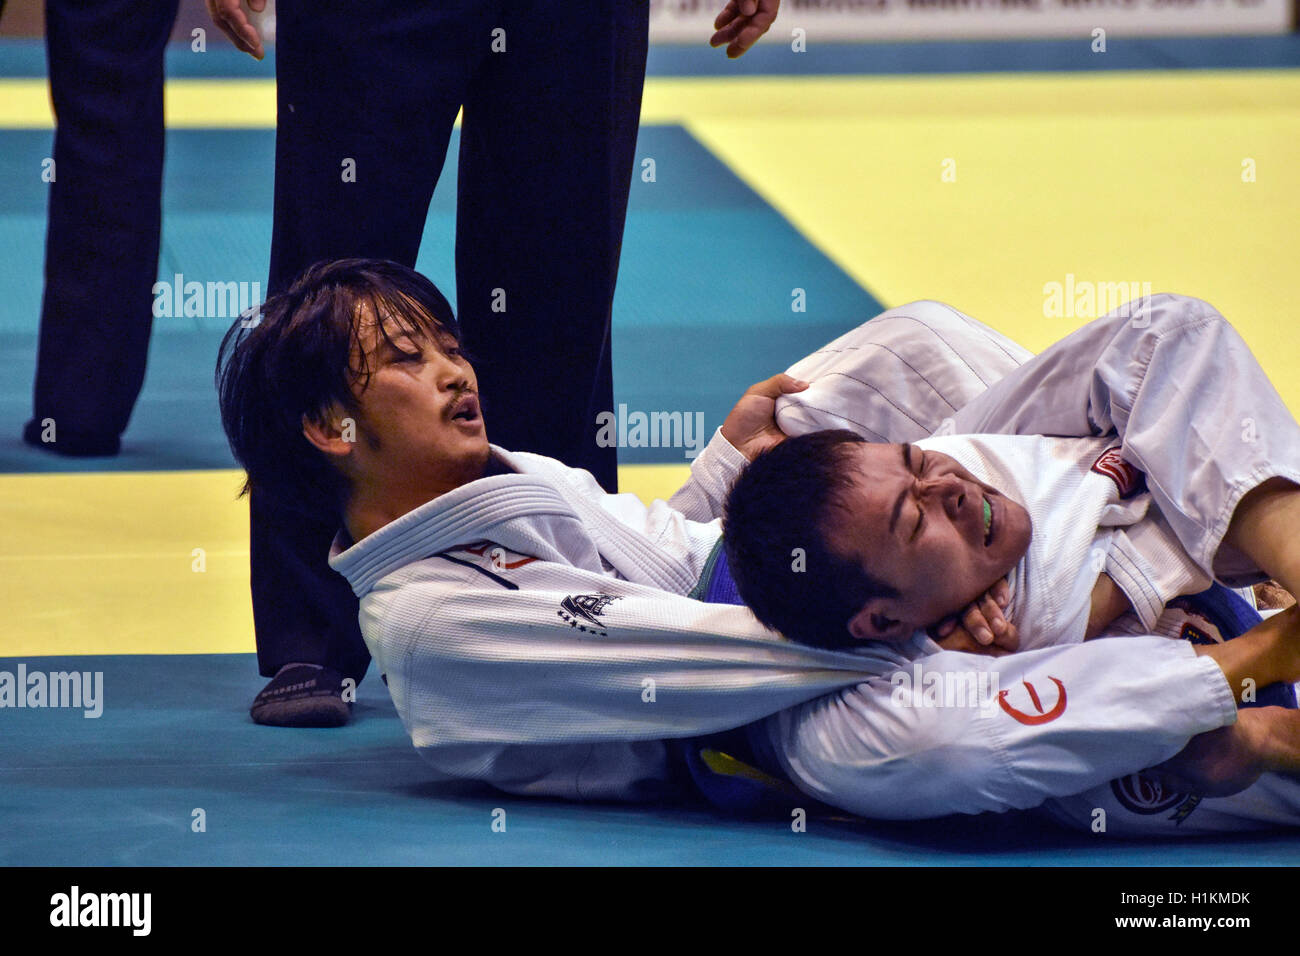 International Brazilian Jiu Jitsu Contest - Stock Image